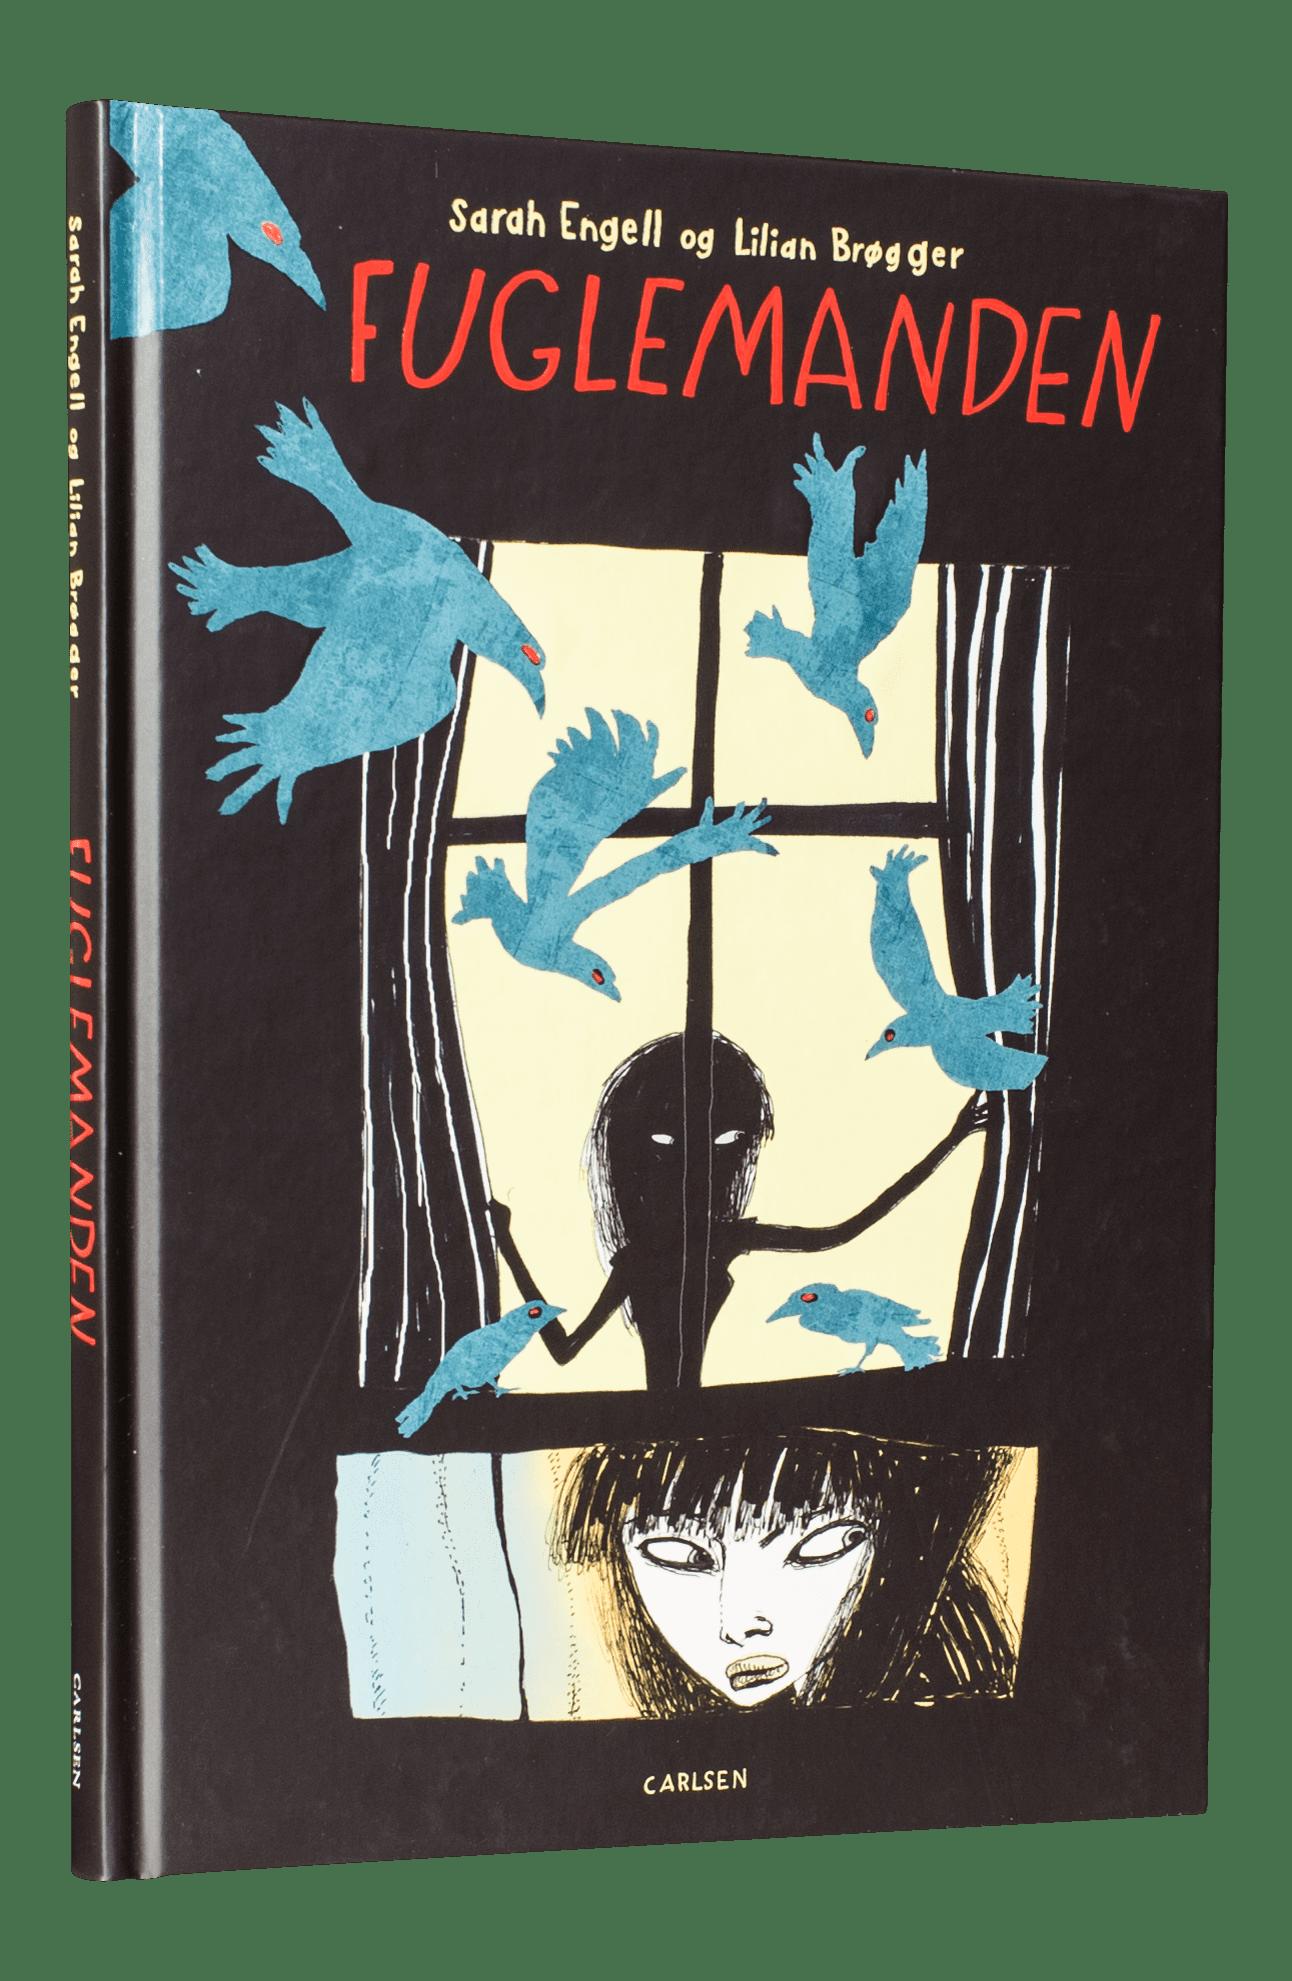 Fuglemanden, psykisk sygdom, sarah engell, lilian brøgger, grafisk roman, ungdomslitteratur